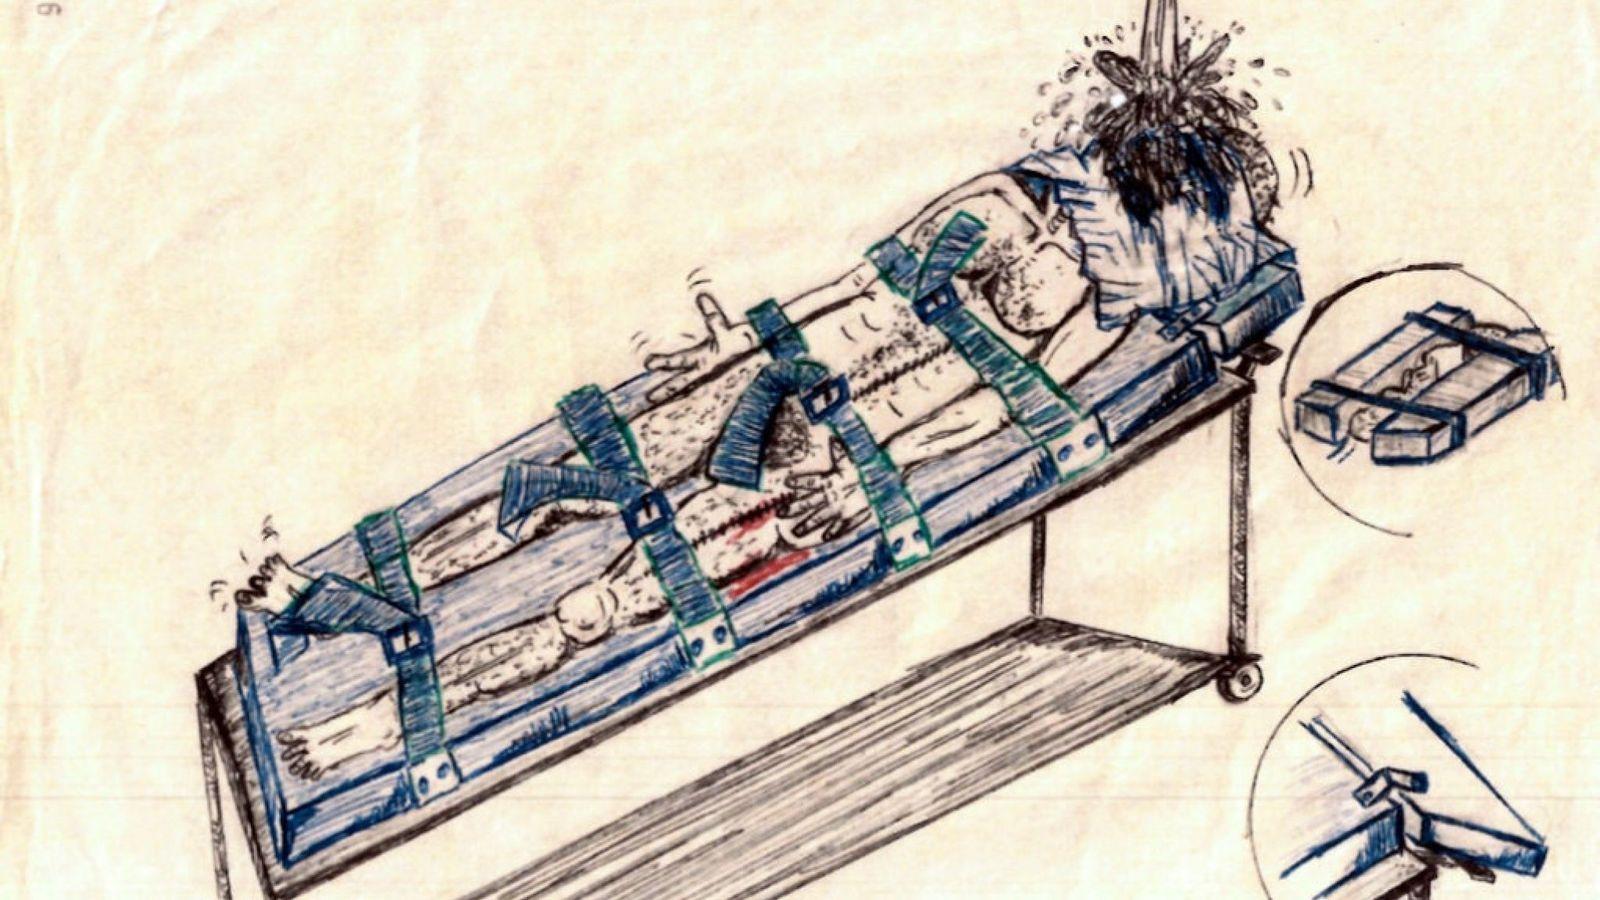 تکنیکهای ترسناک شکنجه سازمان سیا پس از حملات یازده سپتامبر به روایت تصویر